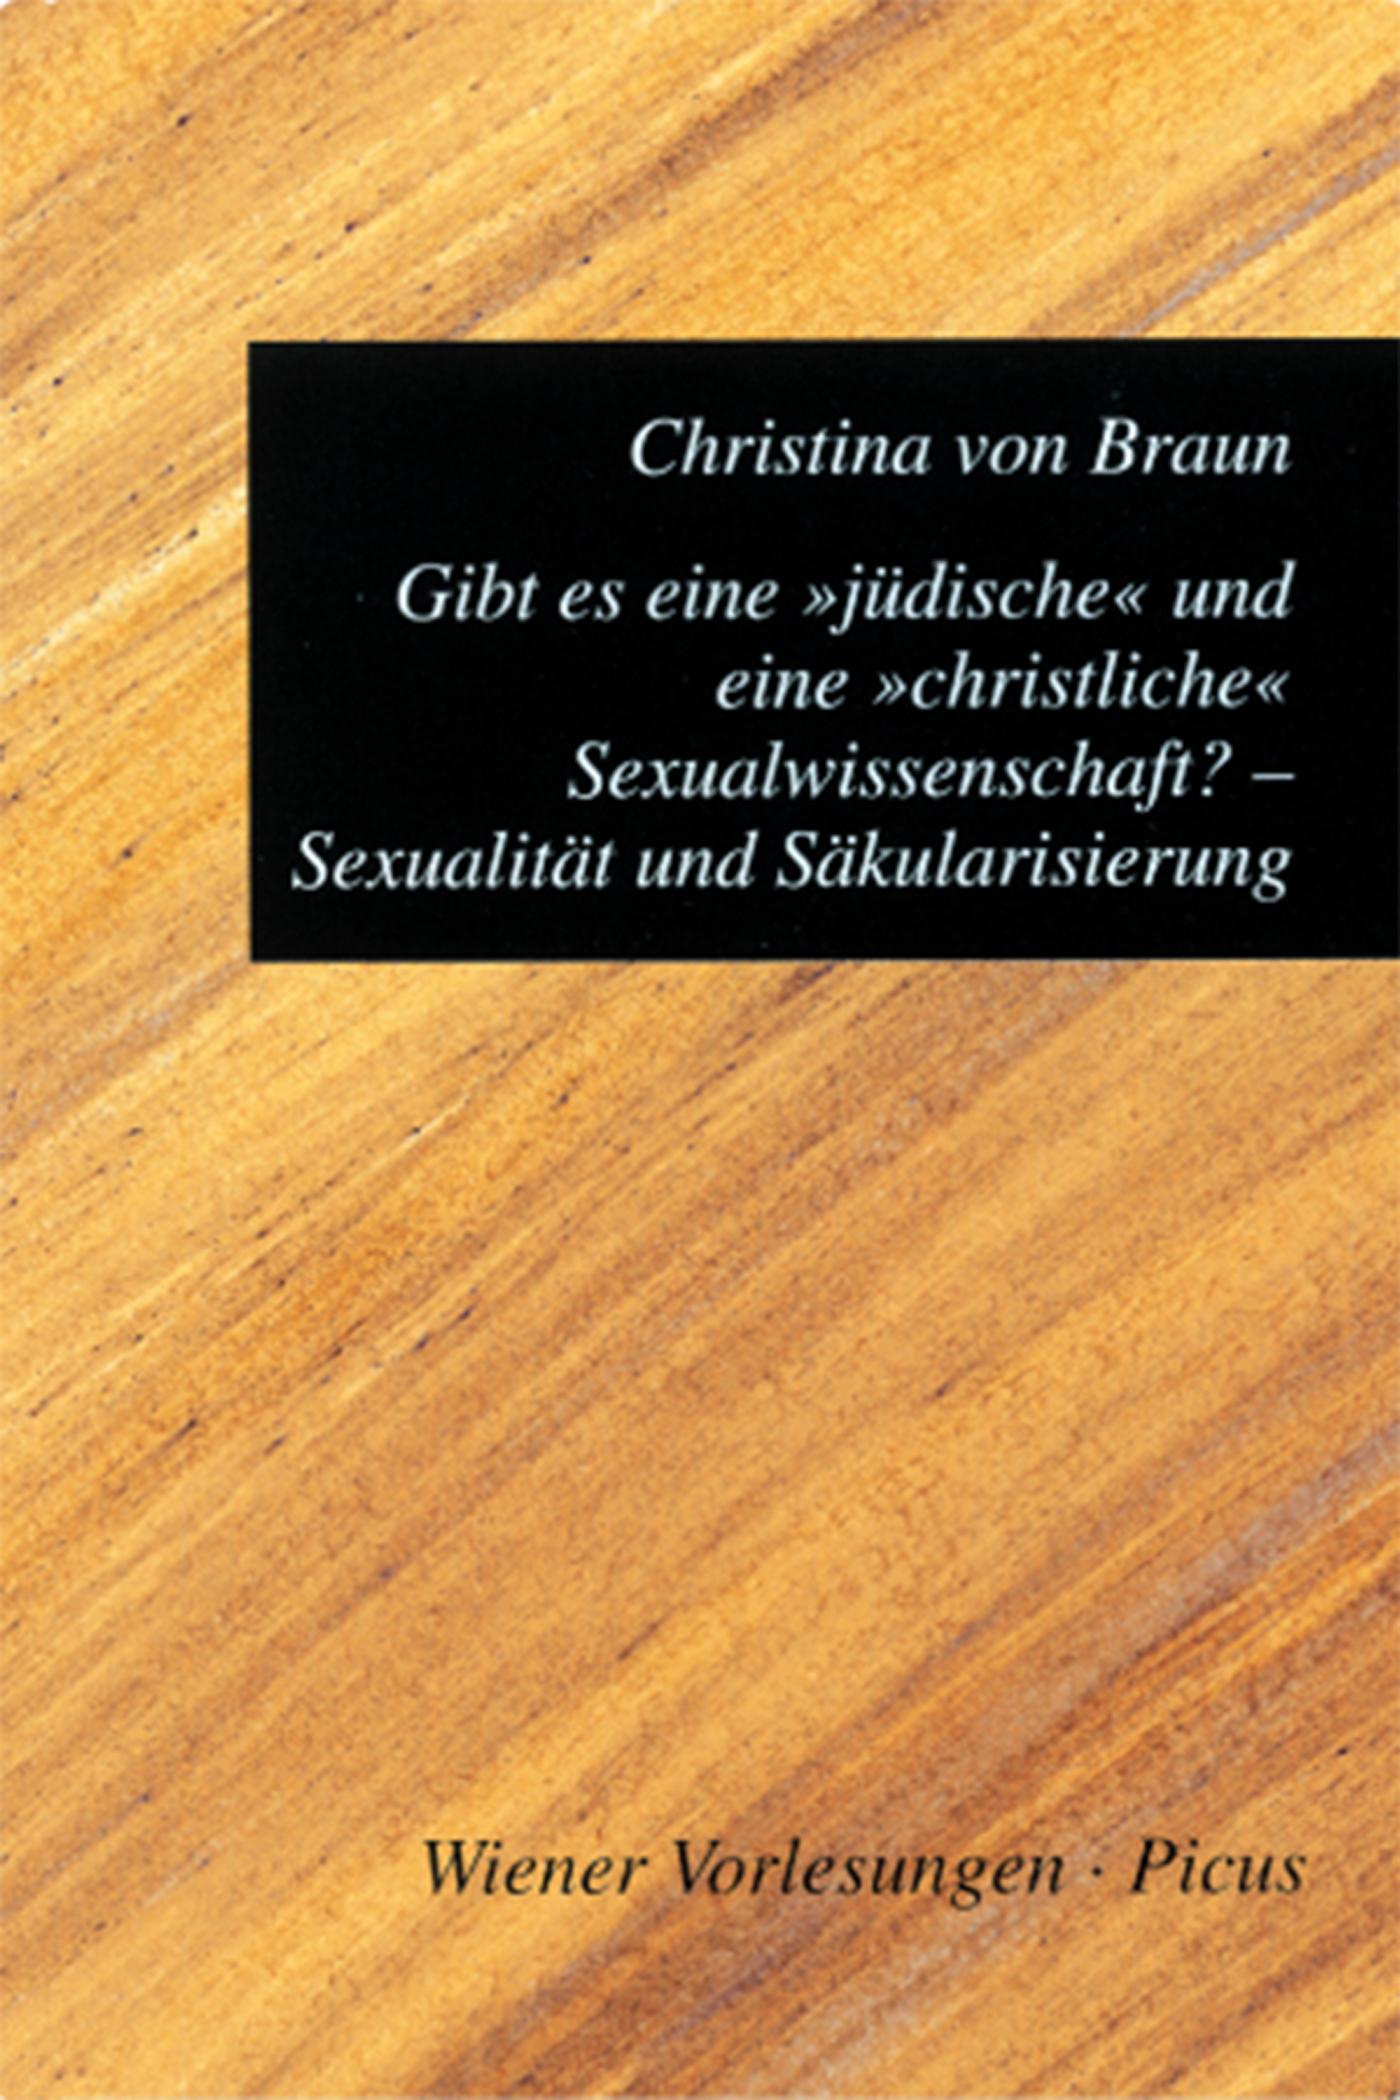 Christina von Braun Gibt es eine jüdische und eine christliche Sexualwissenschaft? Sexualität und Säkularisierung arthur fränkel sokrates und kleon bei aristophanes eine litterarhistorische studie german edition